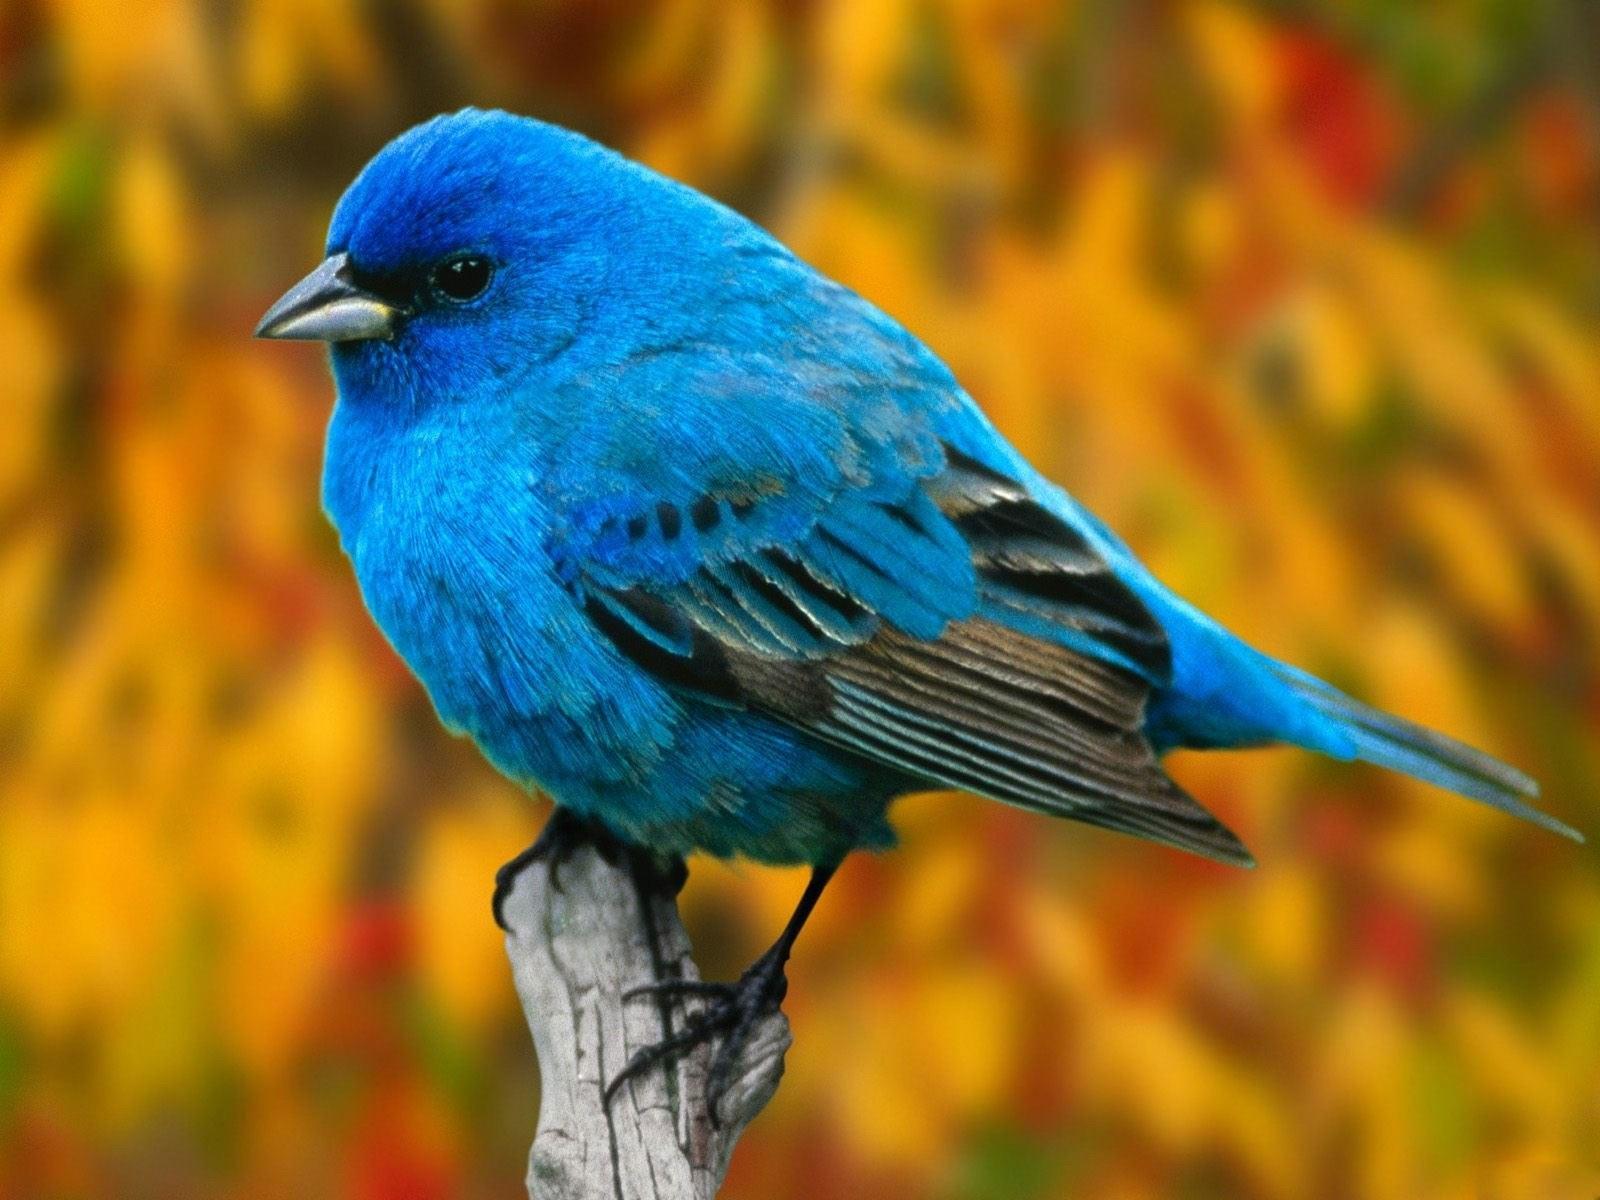 Blue Bird desktop wallpaper 1600x1200